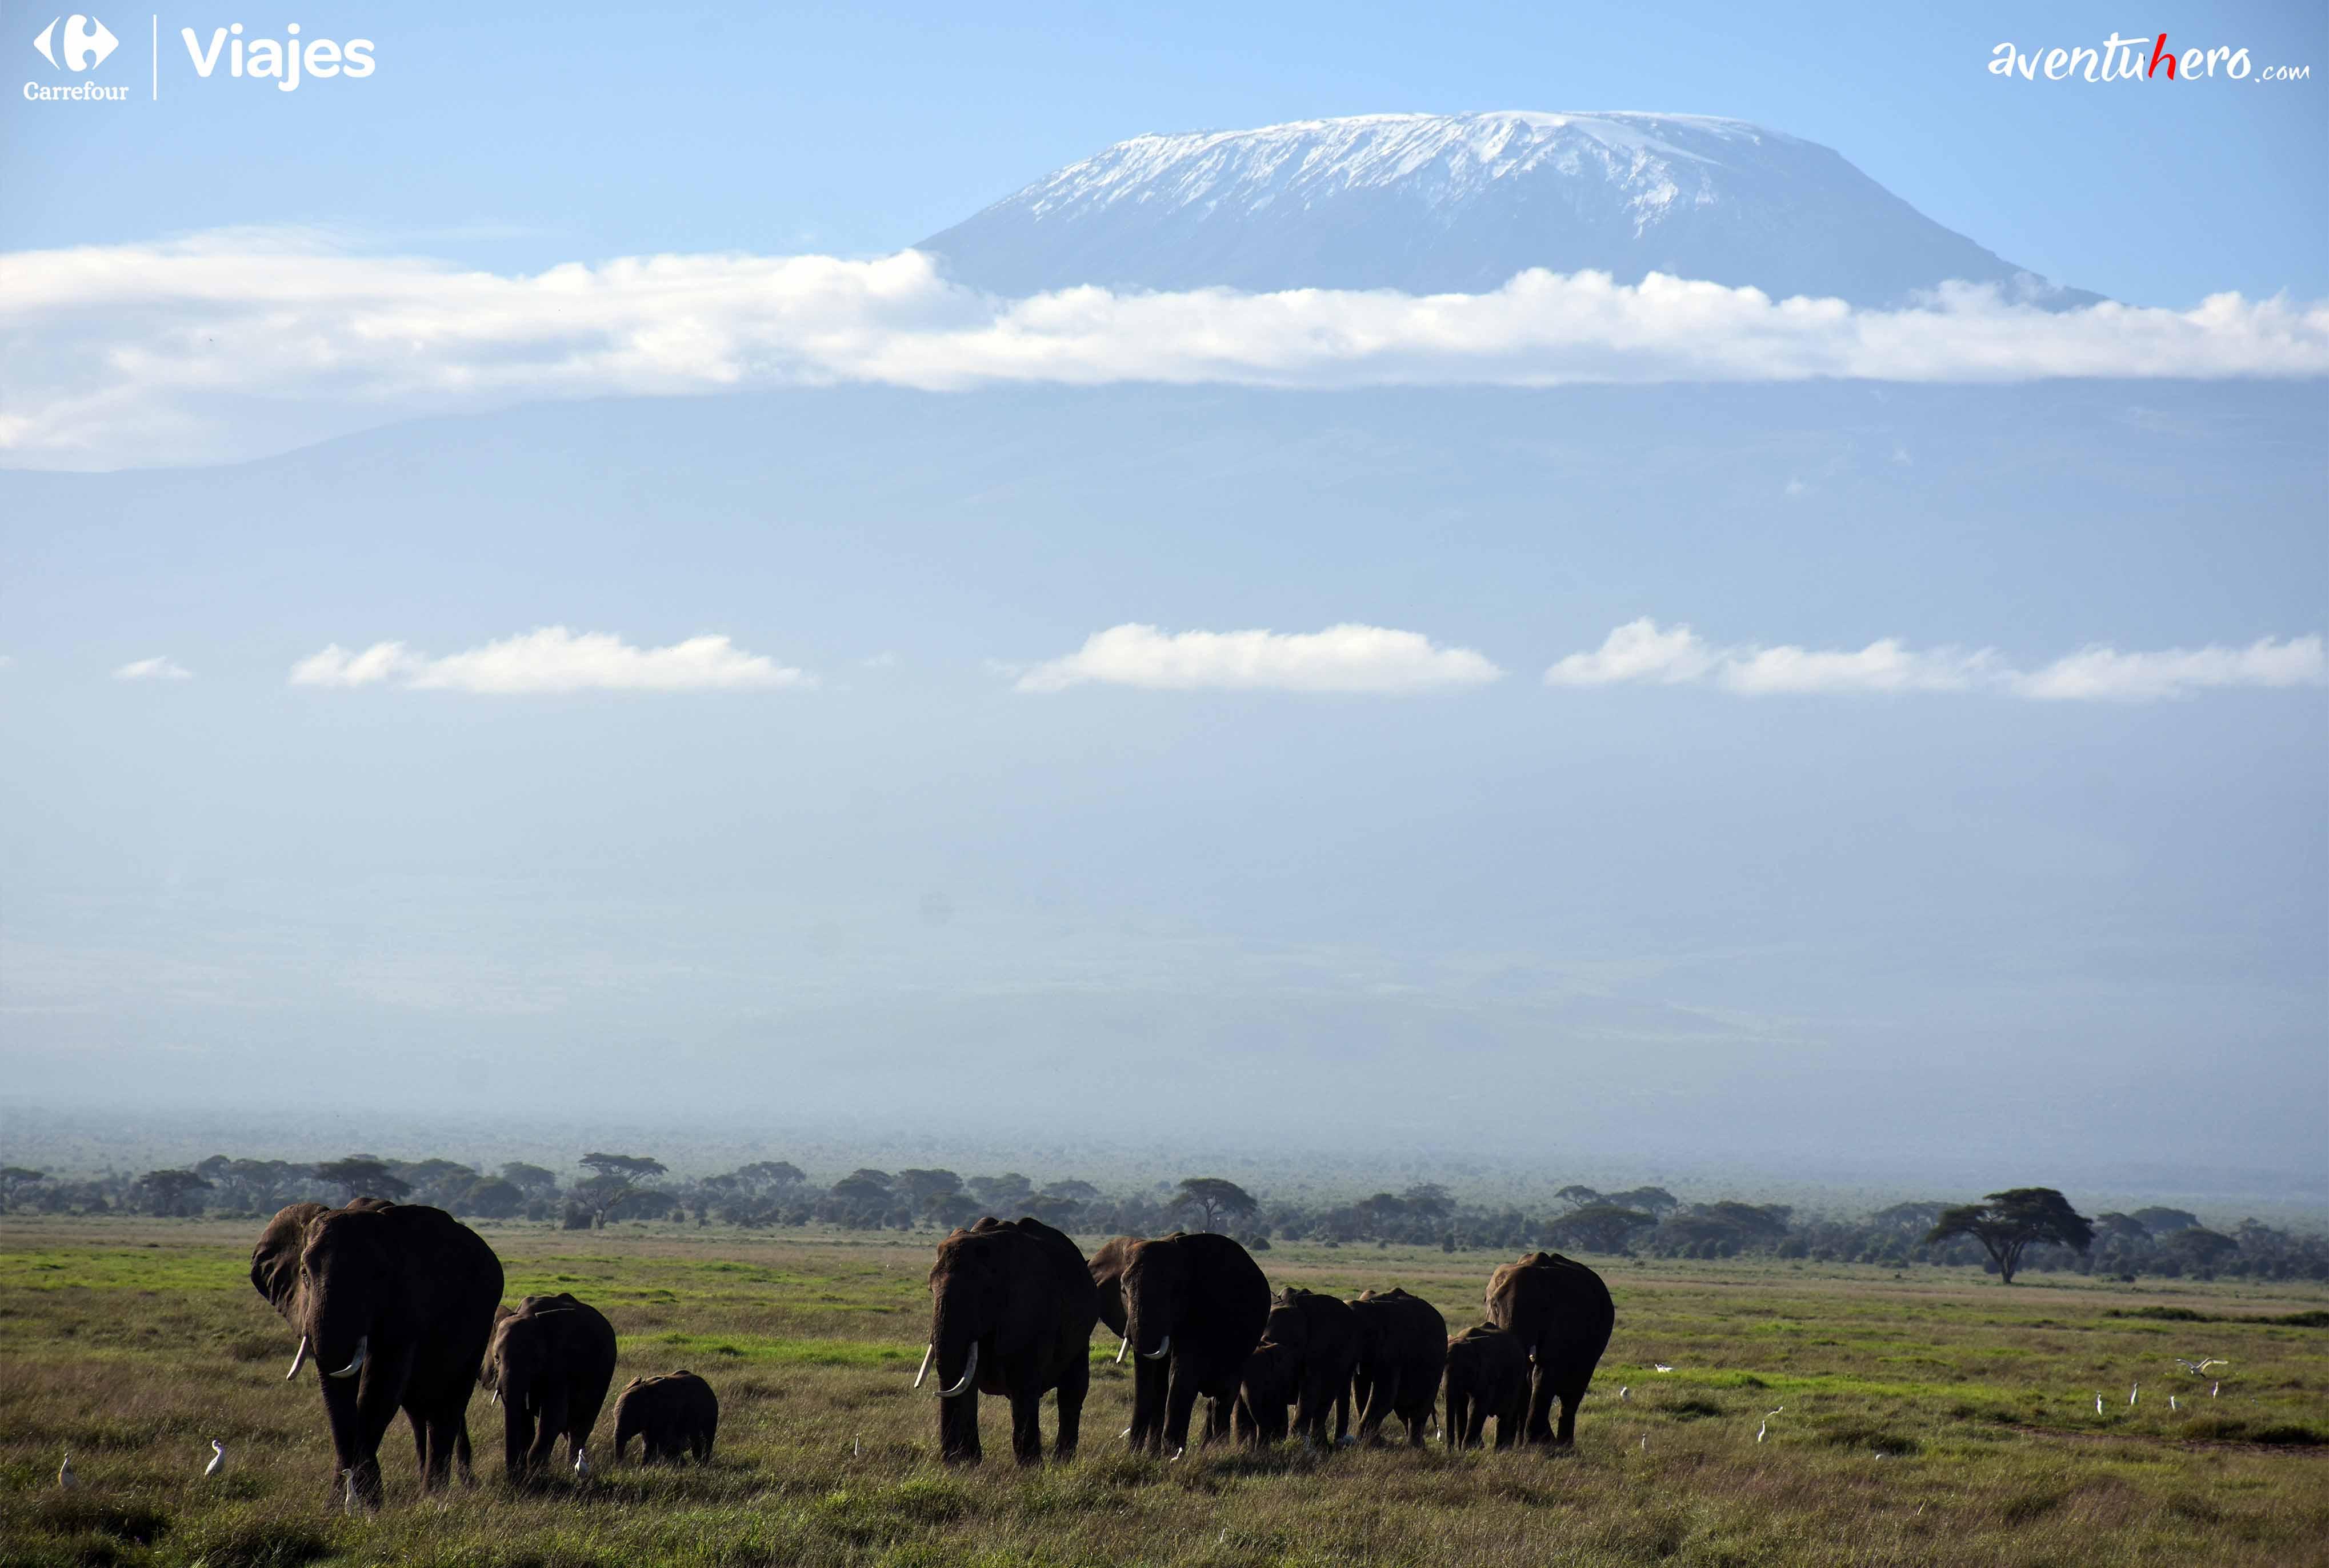 vista del kilimanjaro de fondo